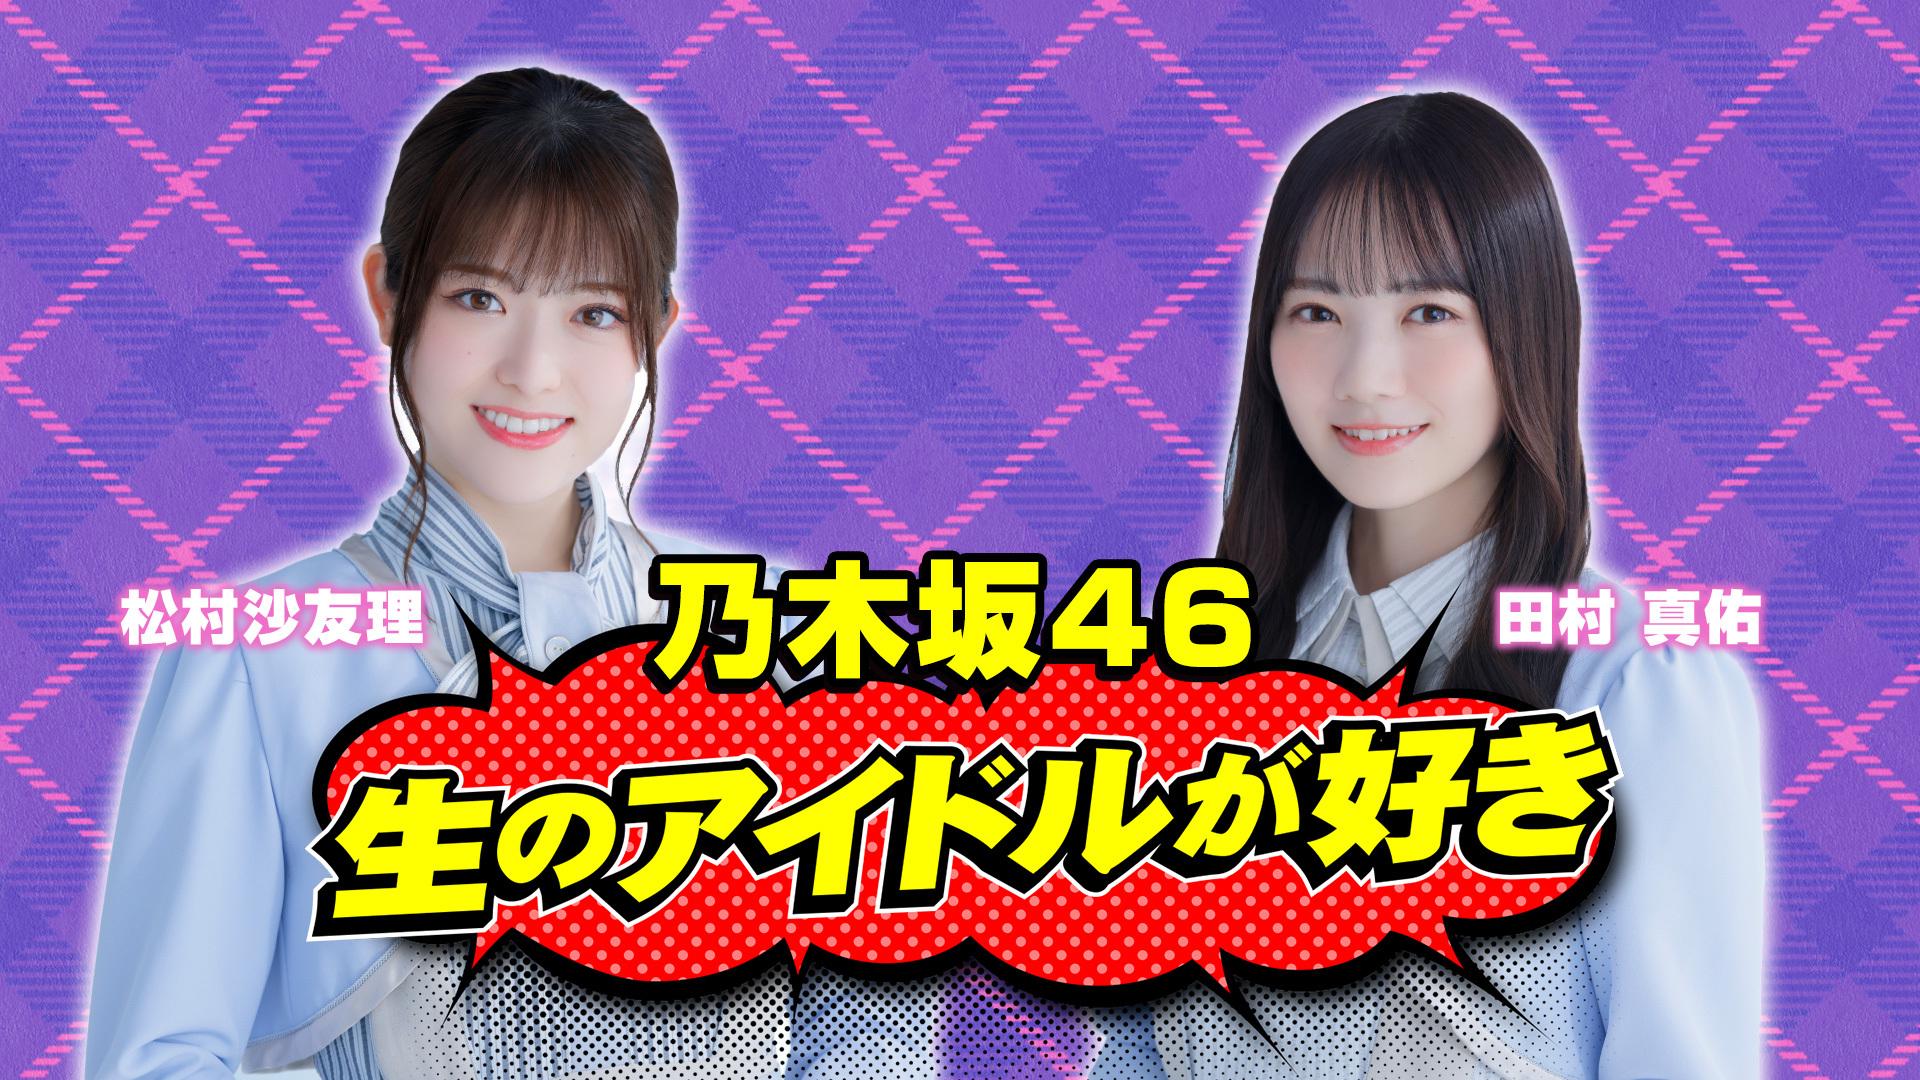 生のアイドルが好き 乃木坂46 松村沙友理 卒業發表 動画 2021年4月15日